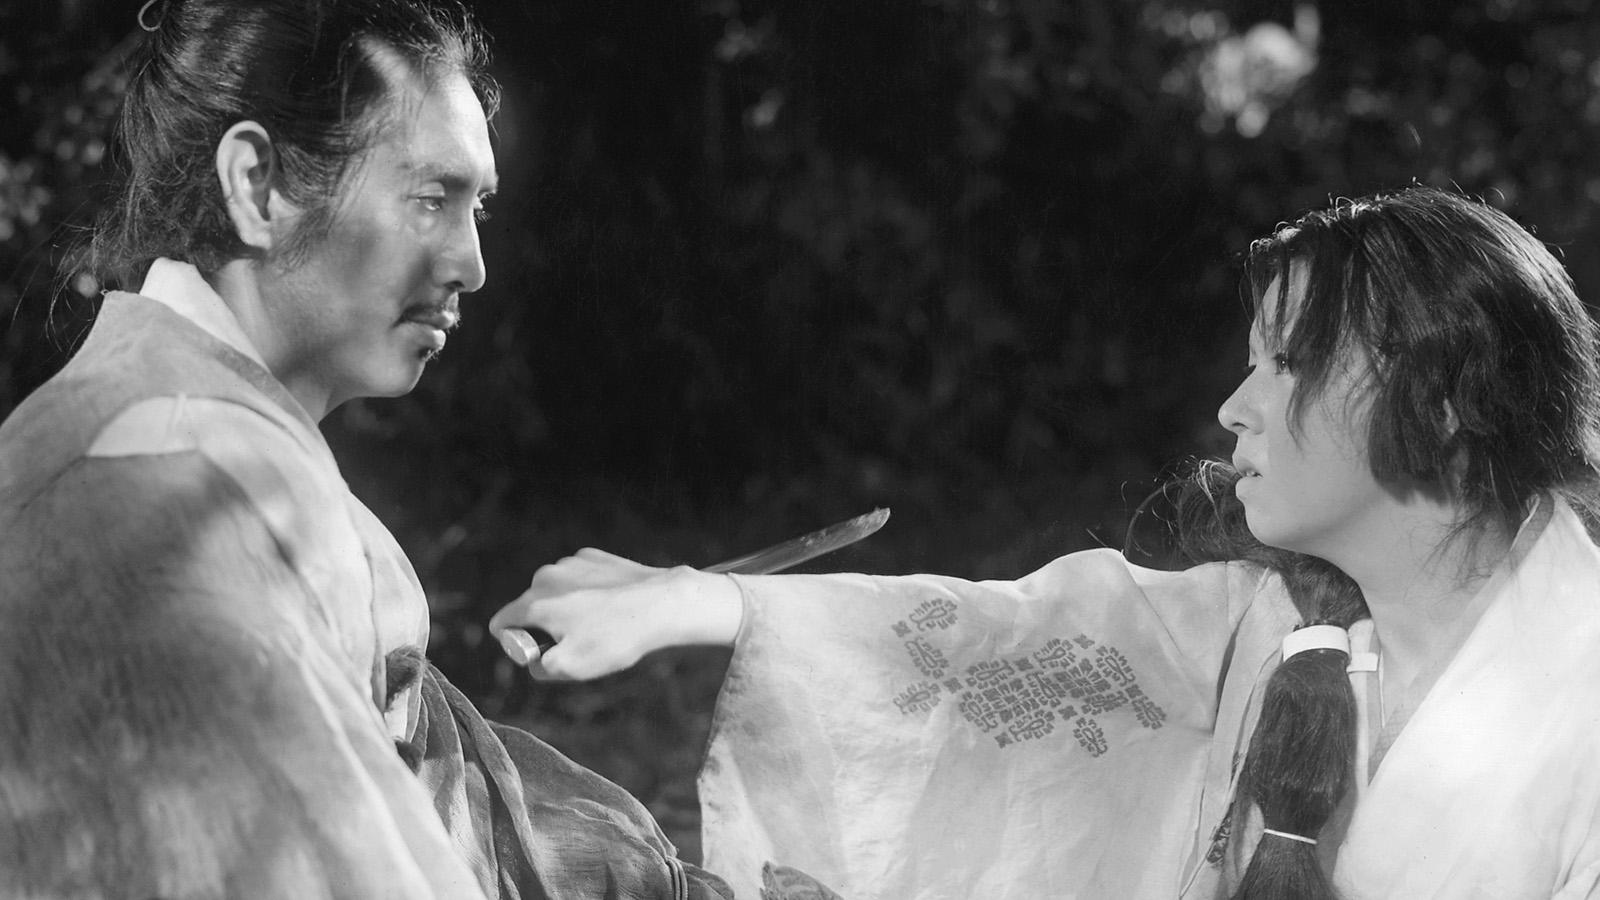 CuadroXCuadro: 'Rashōmon' y el cine como una forma de humanismo